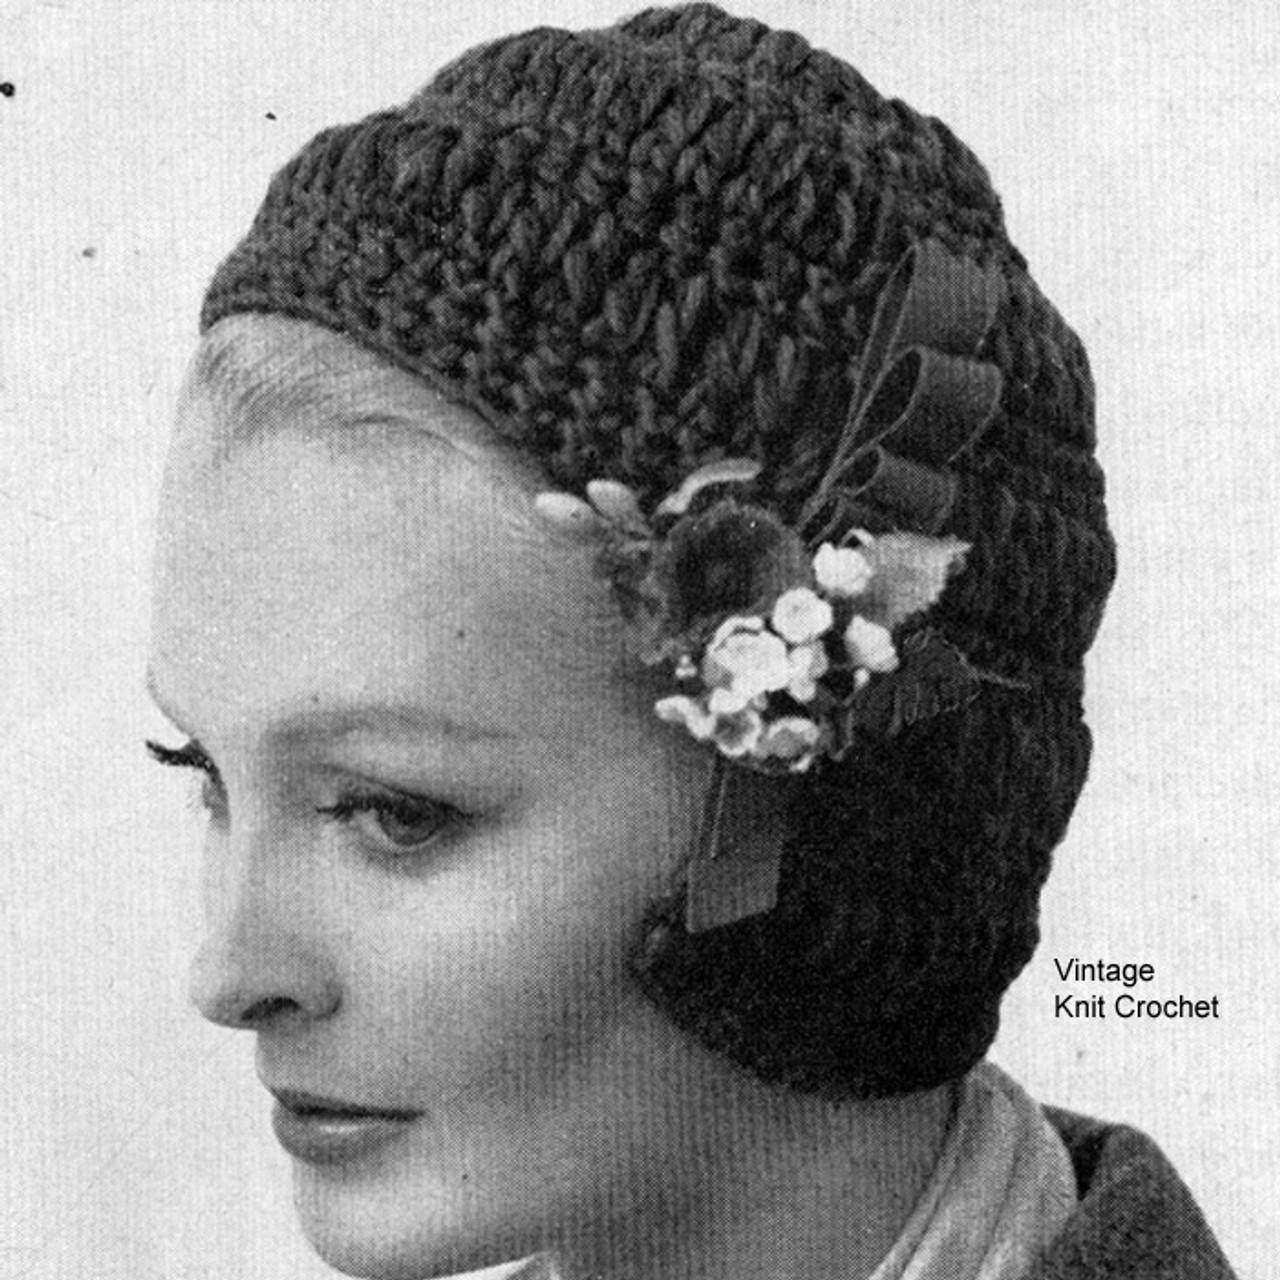 Easy Crocheted Helmet Pattern, Vintage 1950